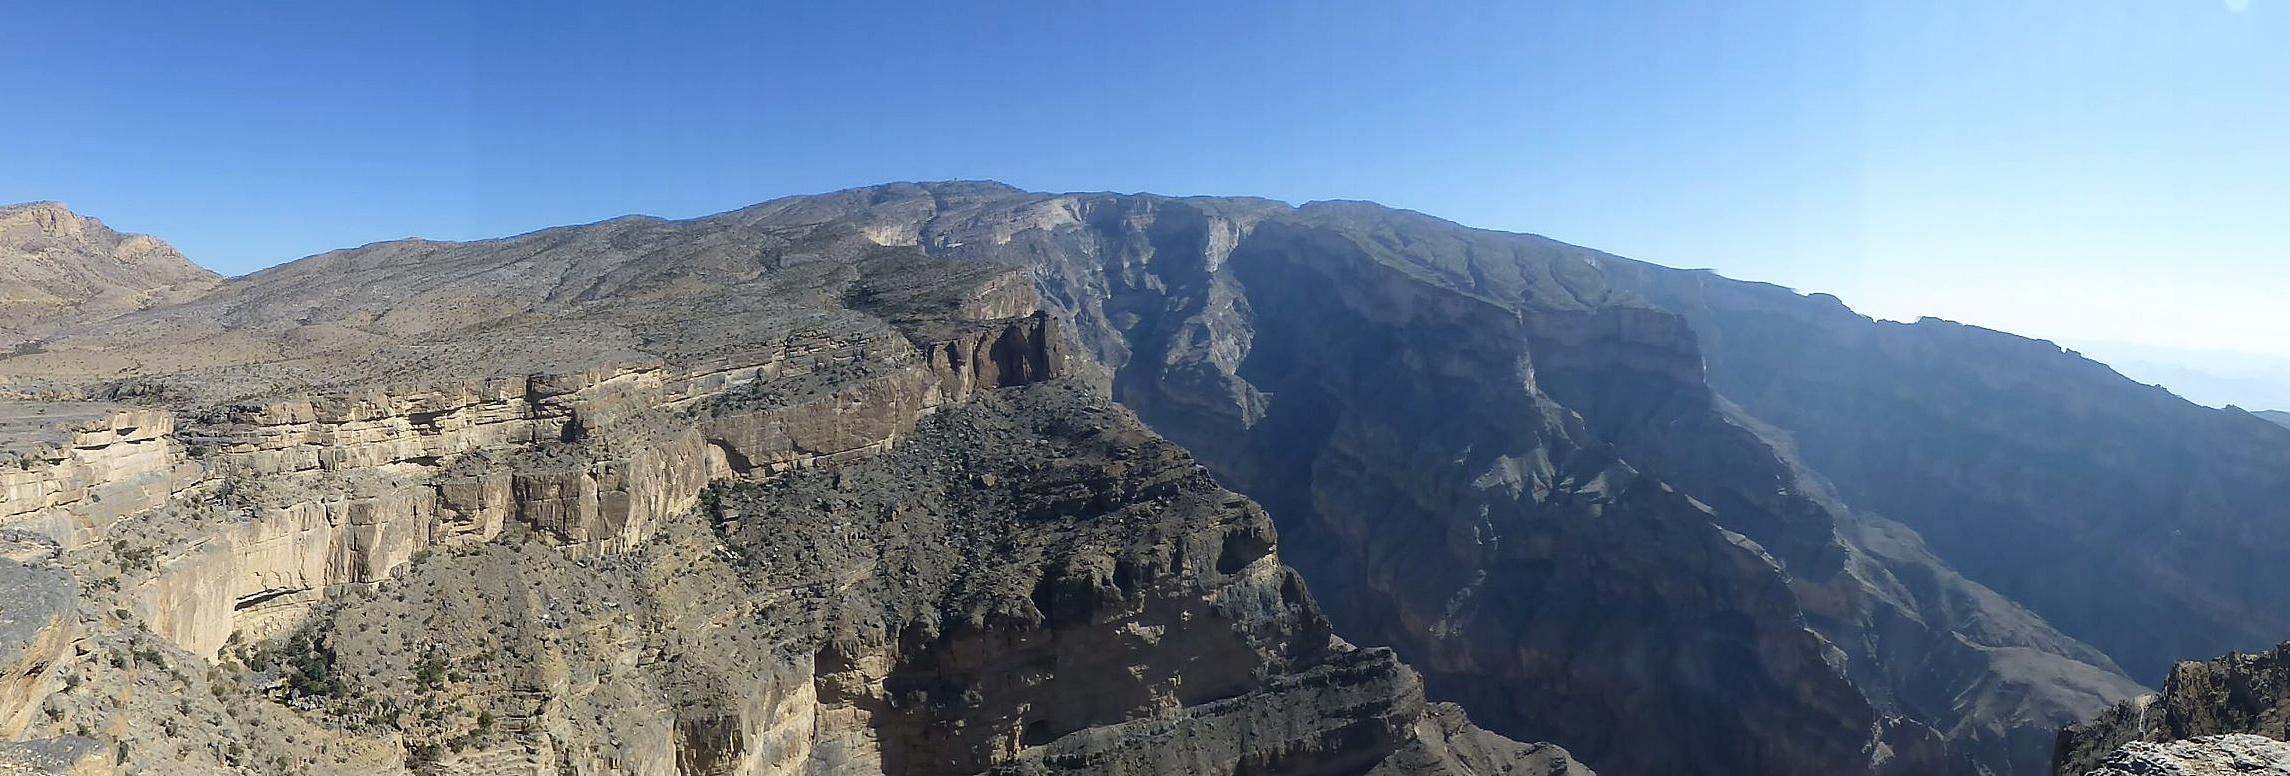 wadi gul